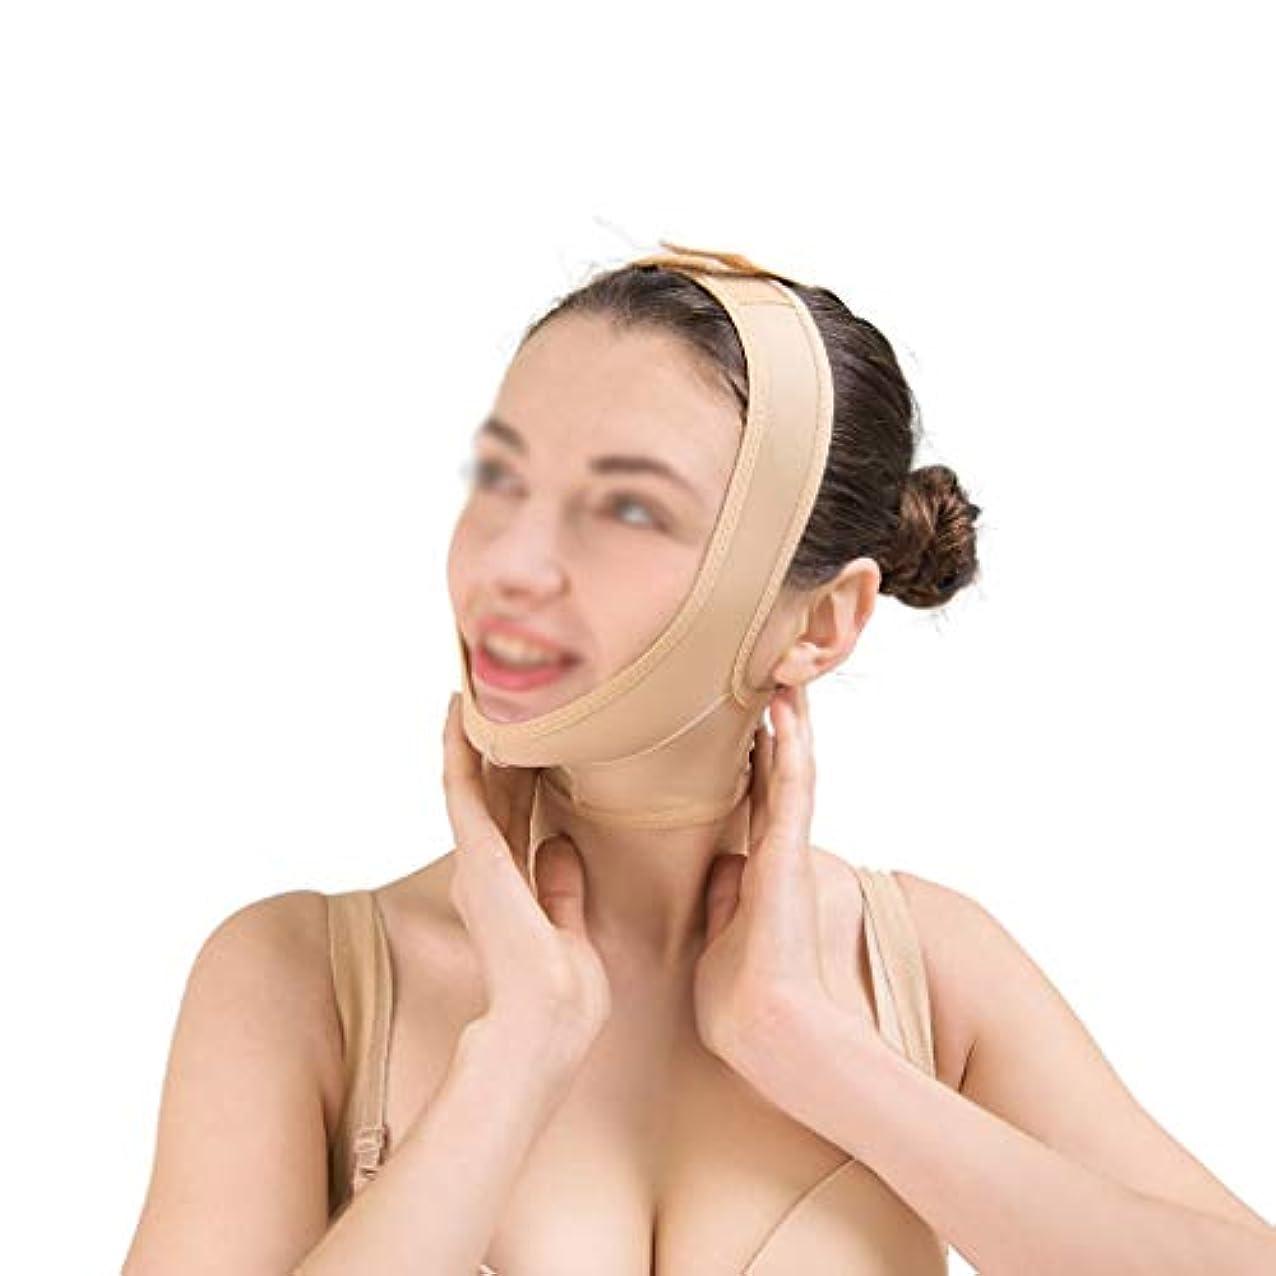 表現ダウンタウン委任するLJK 二重あごのストラップ、包帯を持ち上げる、持ち上がると肌の包帯を引き締める、通気性のフェイスマスク、快適で通気性のある顔の持ち上がるマスク (Size : S)